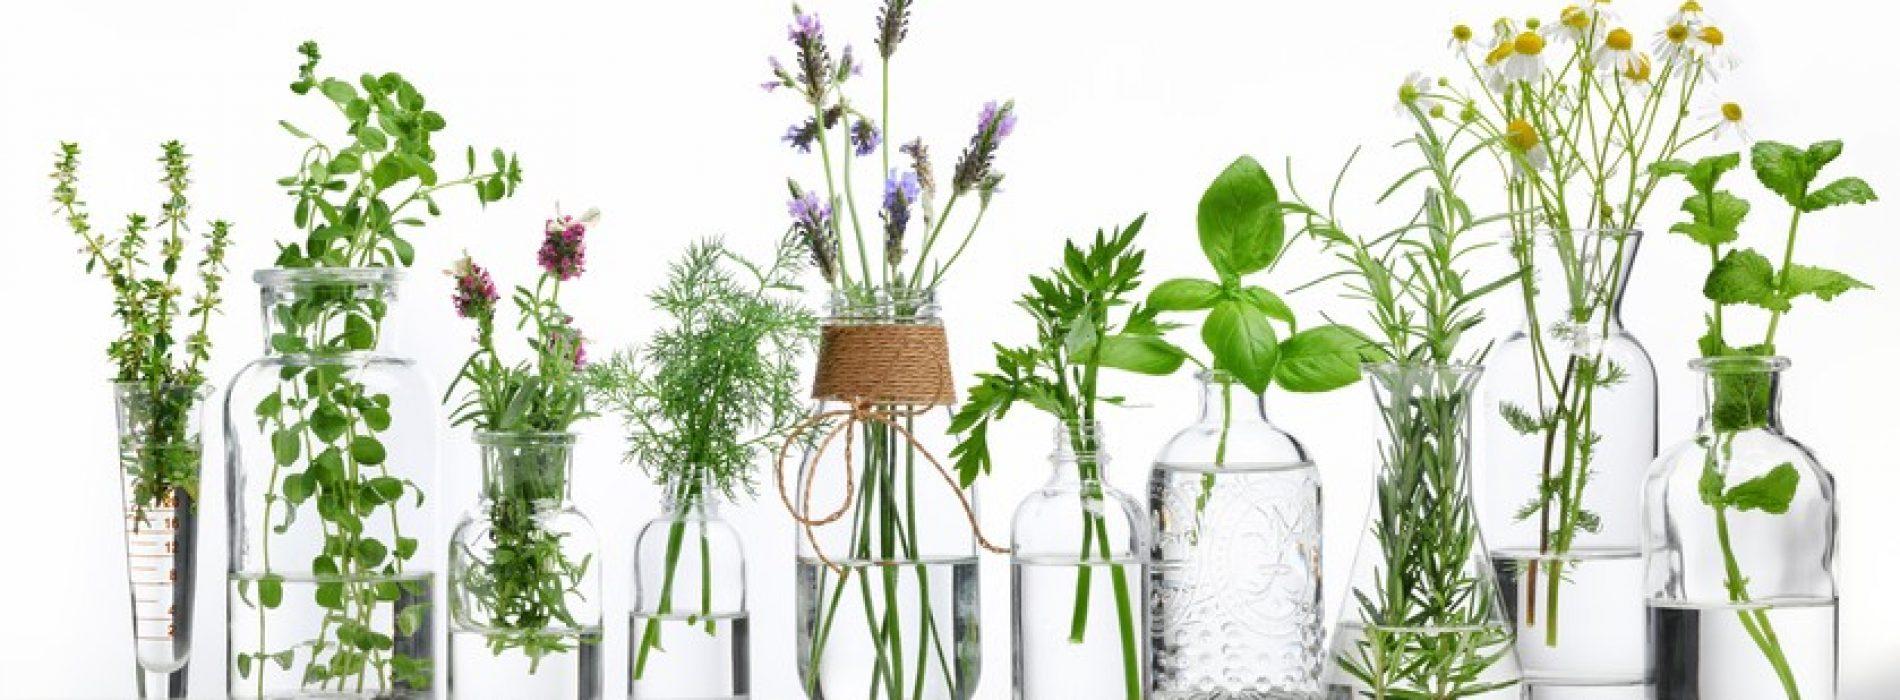 Essentiële oliën voor een goede gezondheid: hoe ze te gebruiken en wanneer ze te vermijden